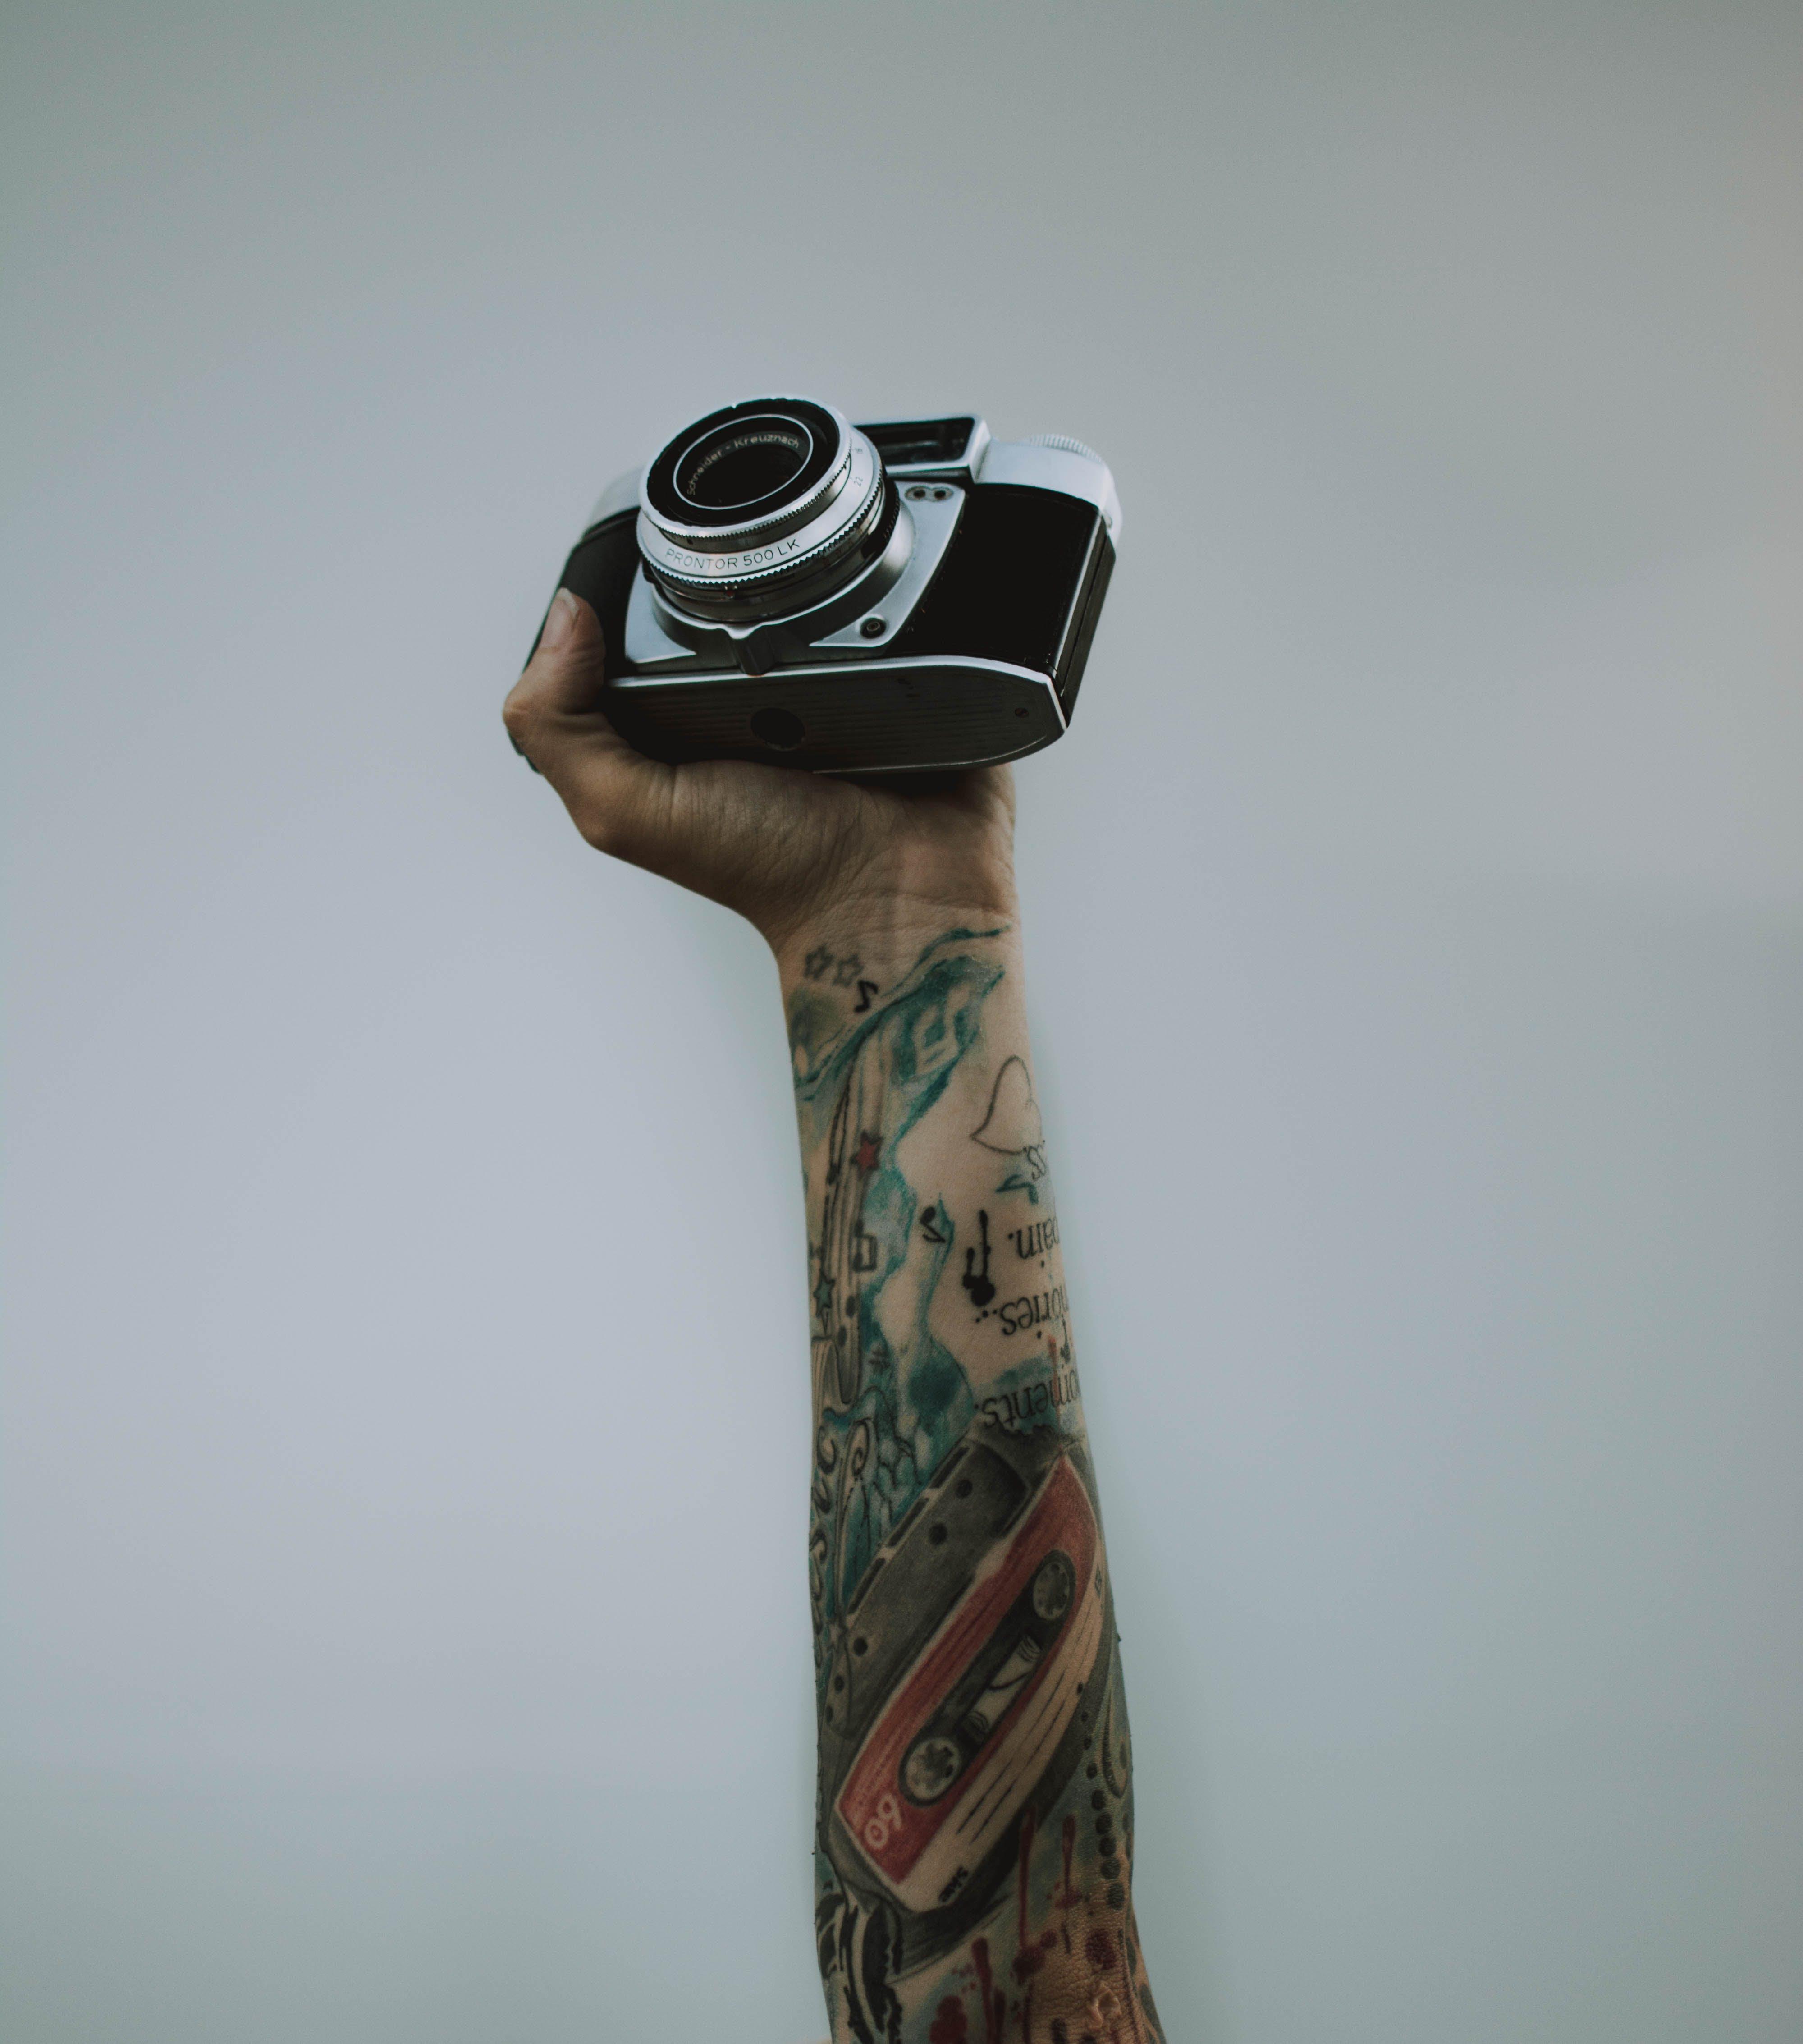 Kostenloses Stock Foto zu ausrüstung, drinnen, elektrik, festhalten